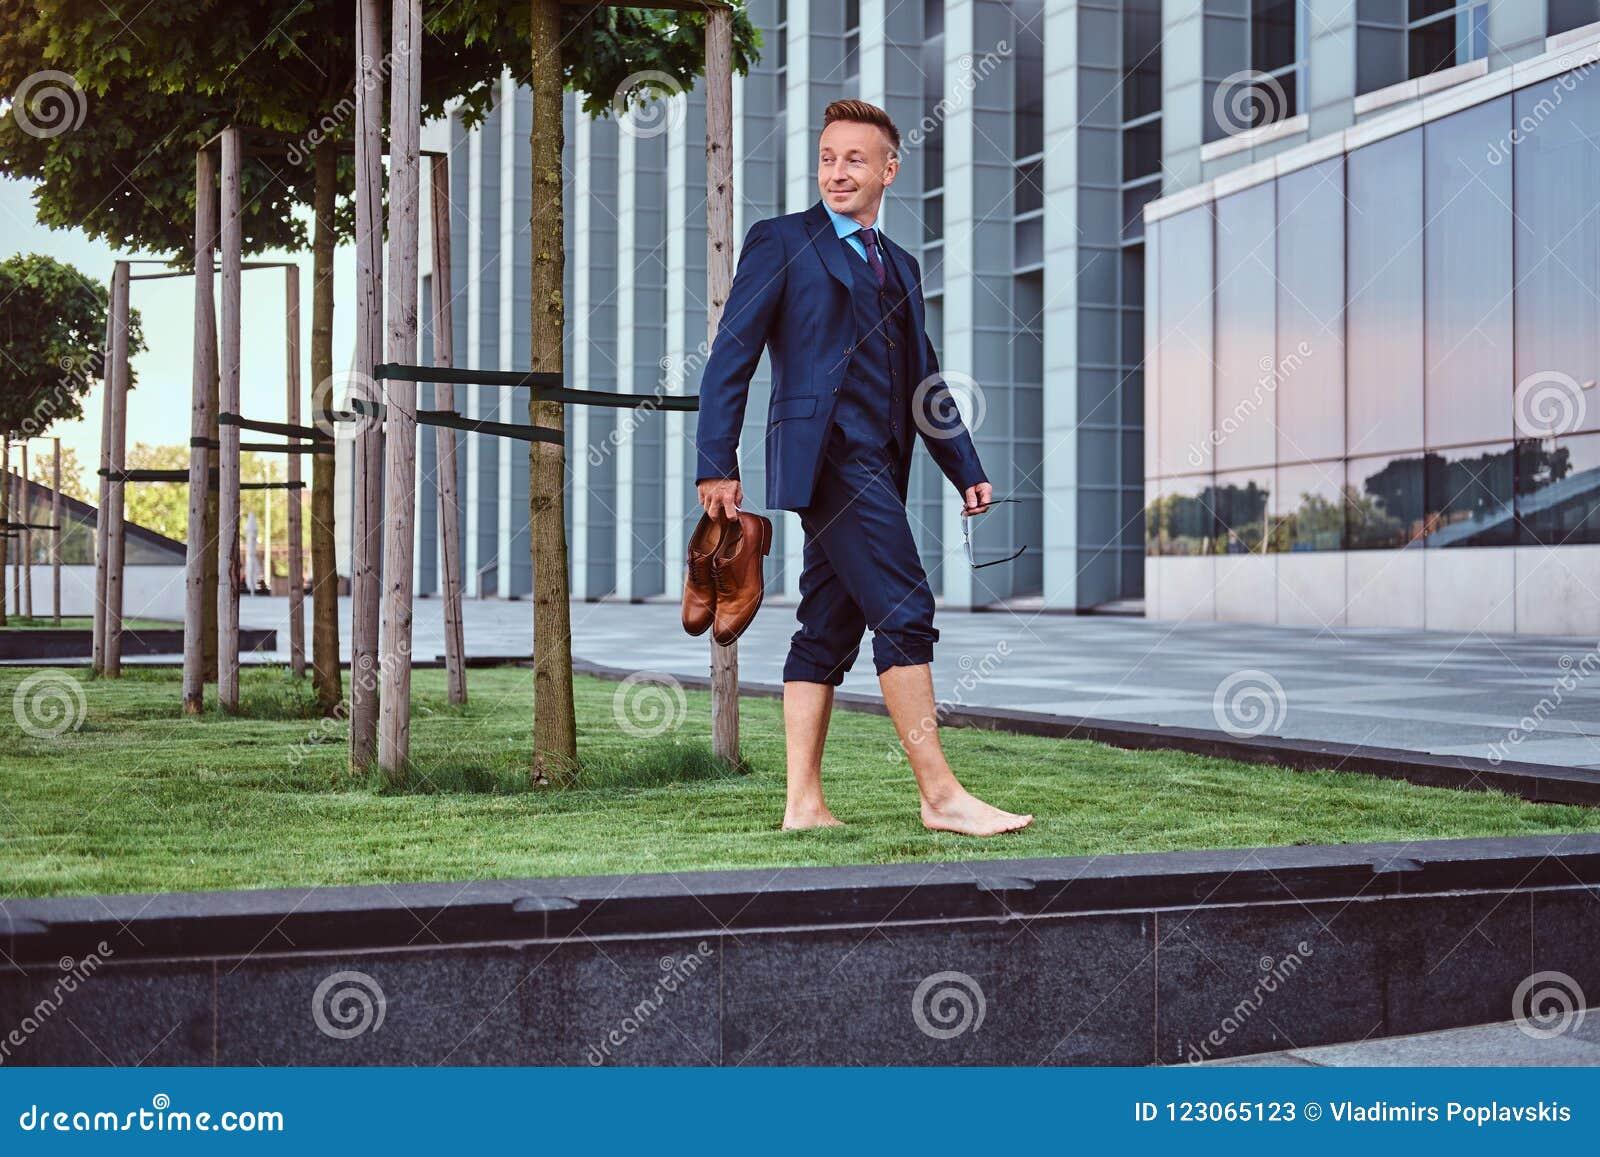 Vestiti Eleganti In Inglese.L Uomo D Affari Sicuro Ha Vestito Nelle Tenute Eleganti Del